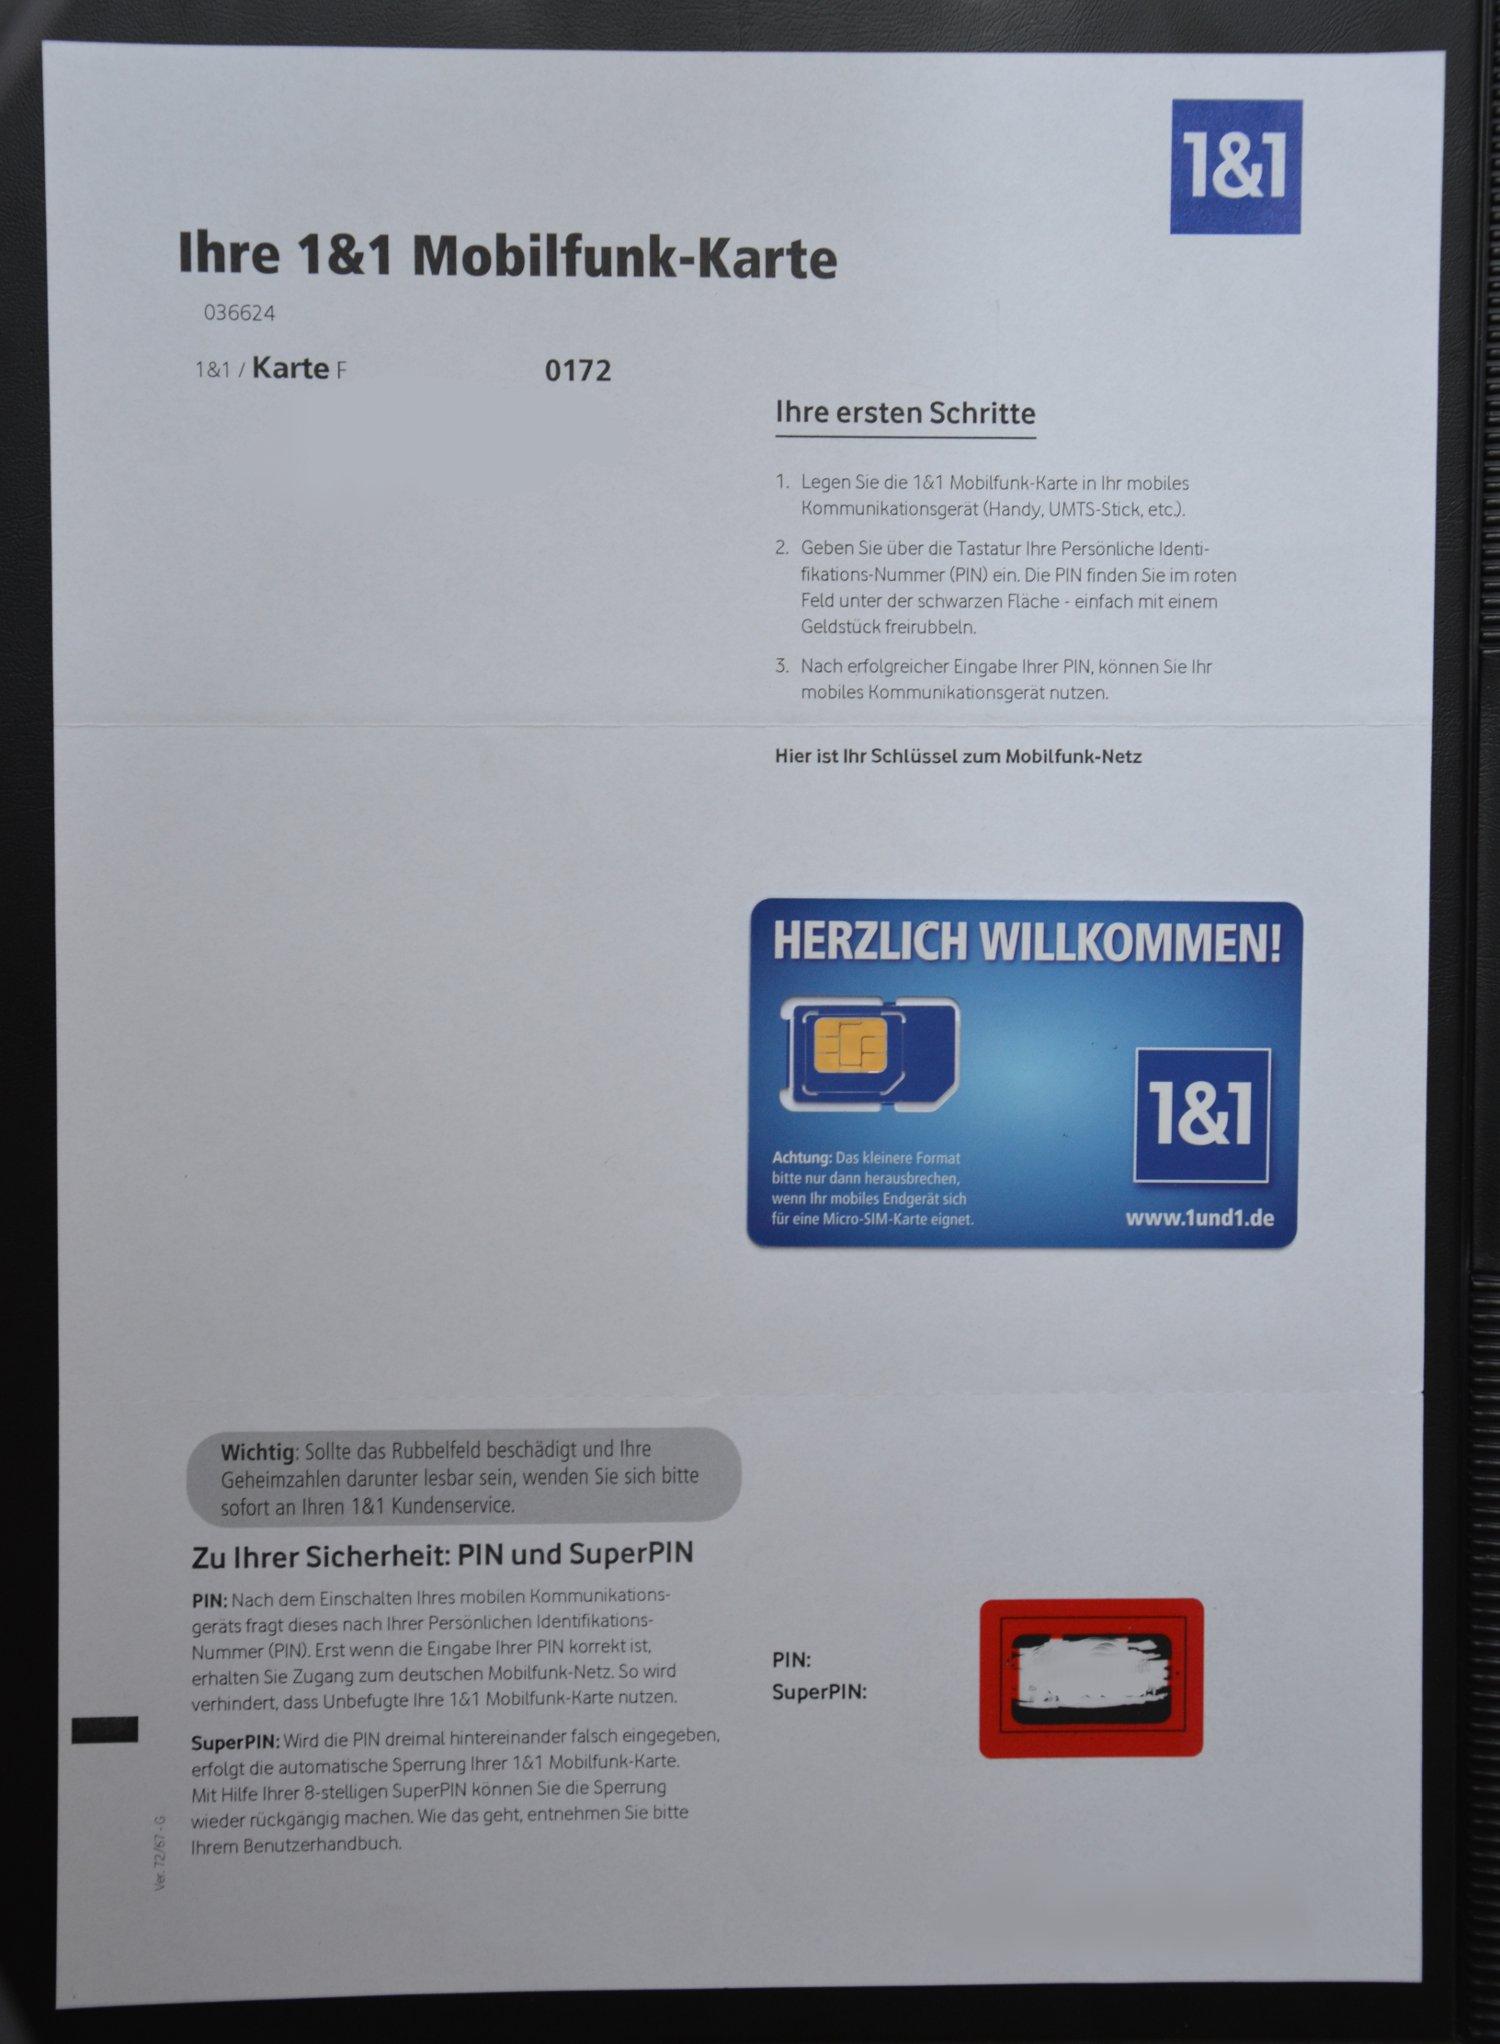 1 1 Nano Sim Karte Bestellen Kosten.1 1 All Net Flat Im Test Erfahrungen Im Vodafone D2 Netz